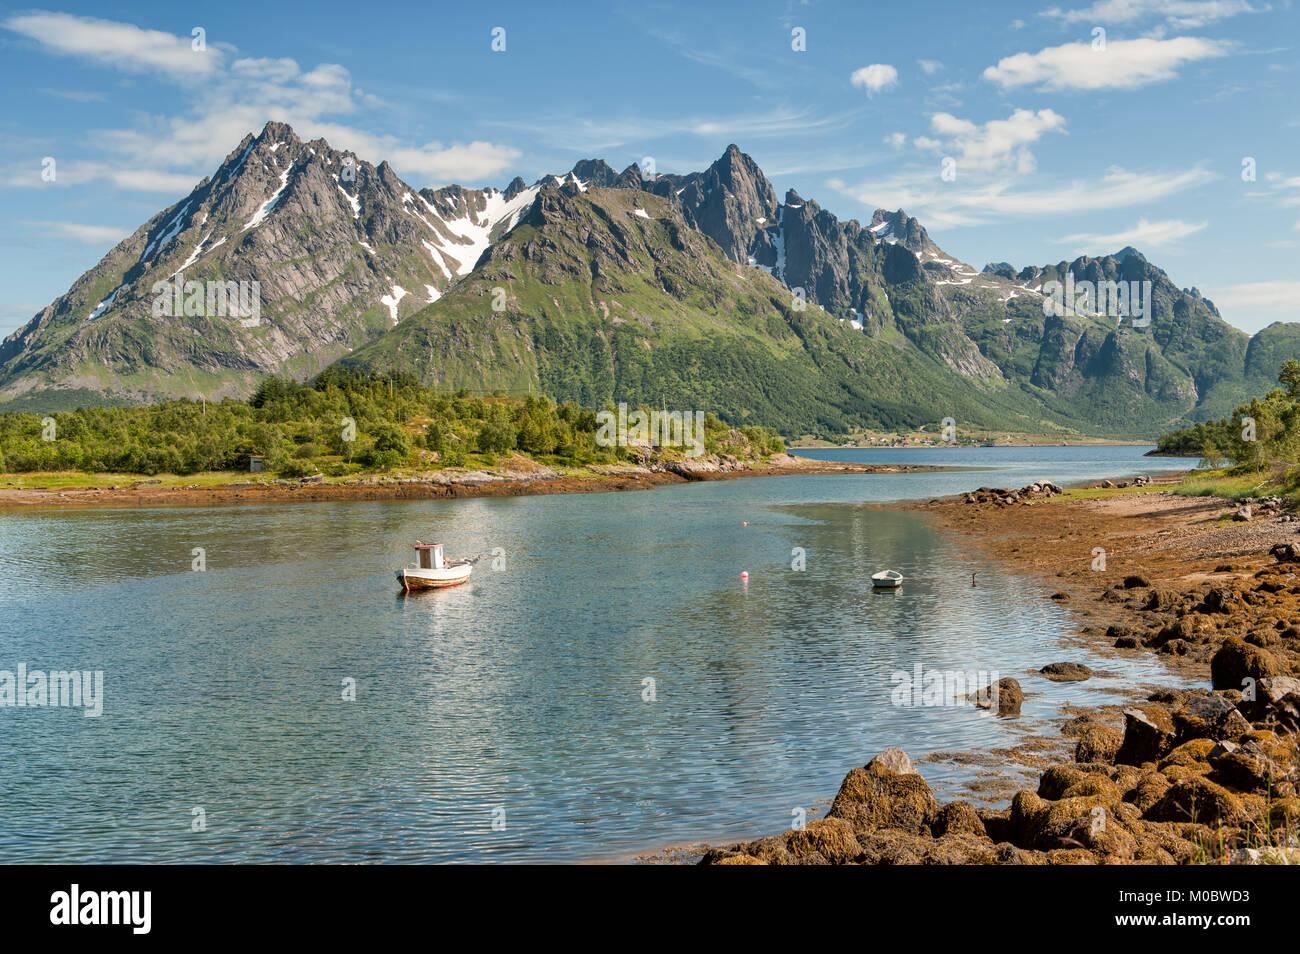 El paisaje de la costa durante el verano en las islas Lofoten, en el norte de Noruega. Lofoten es un destino turístico Foto de stock